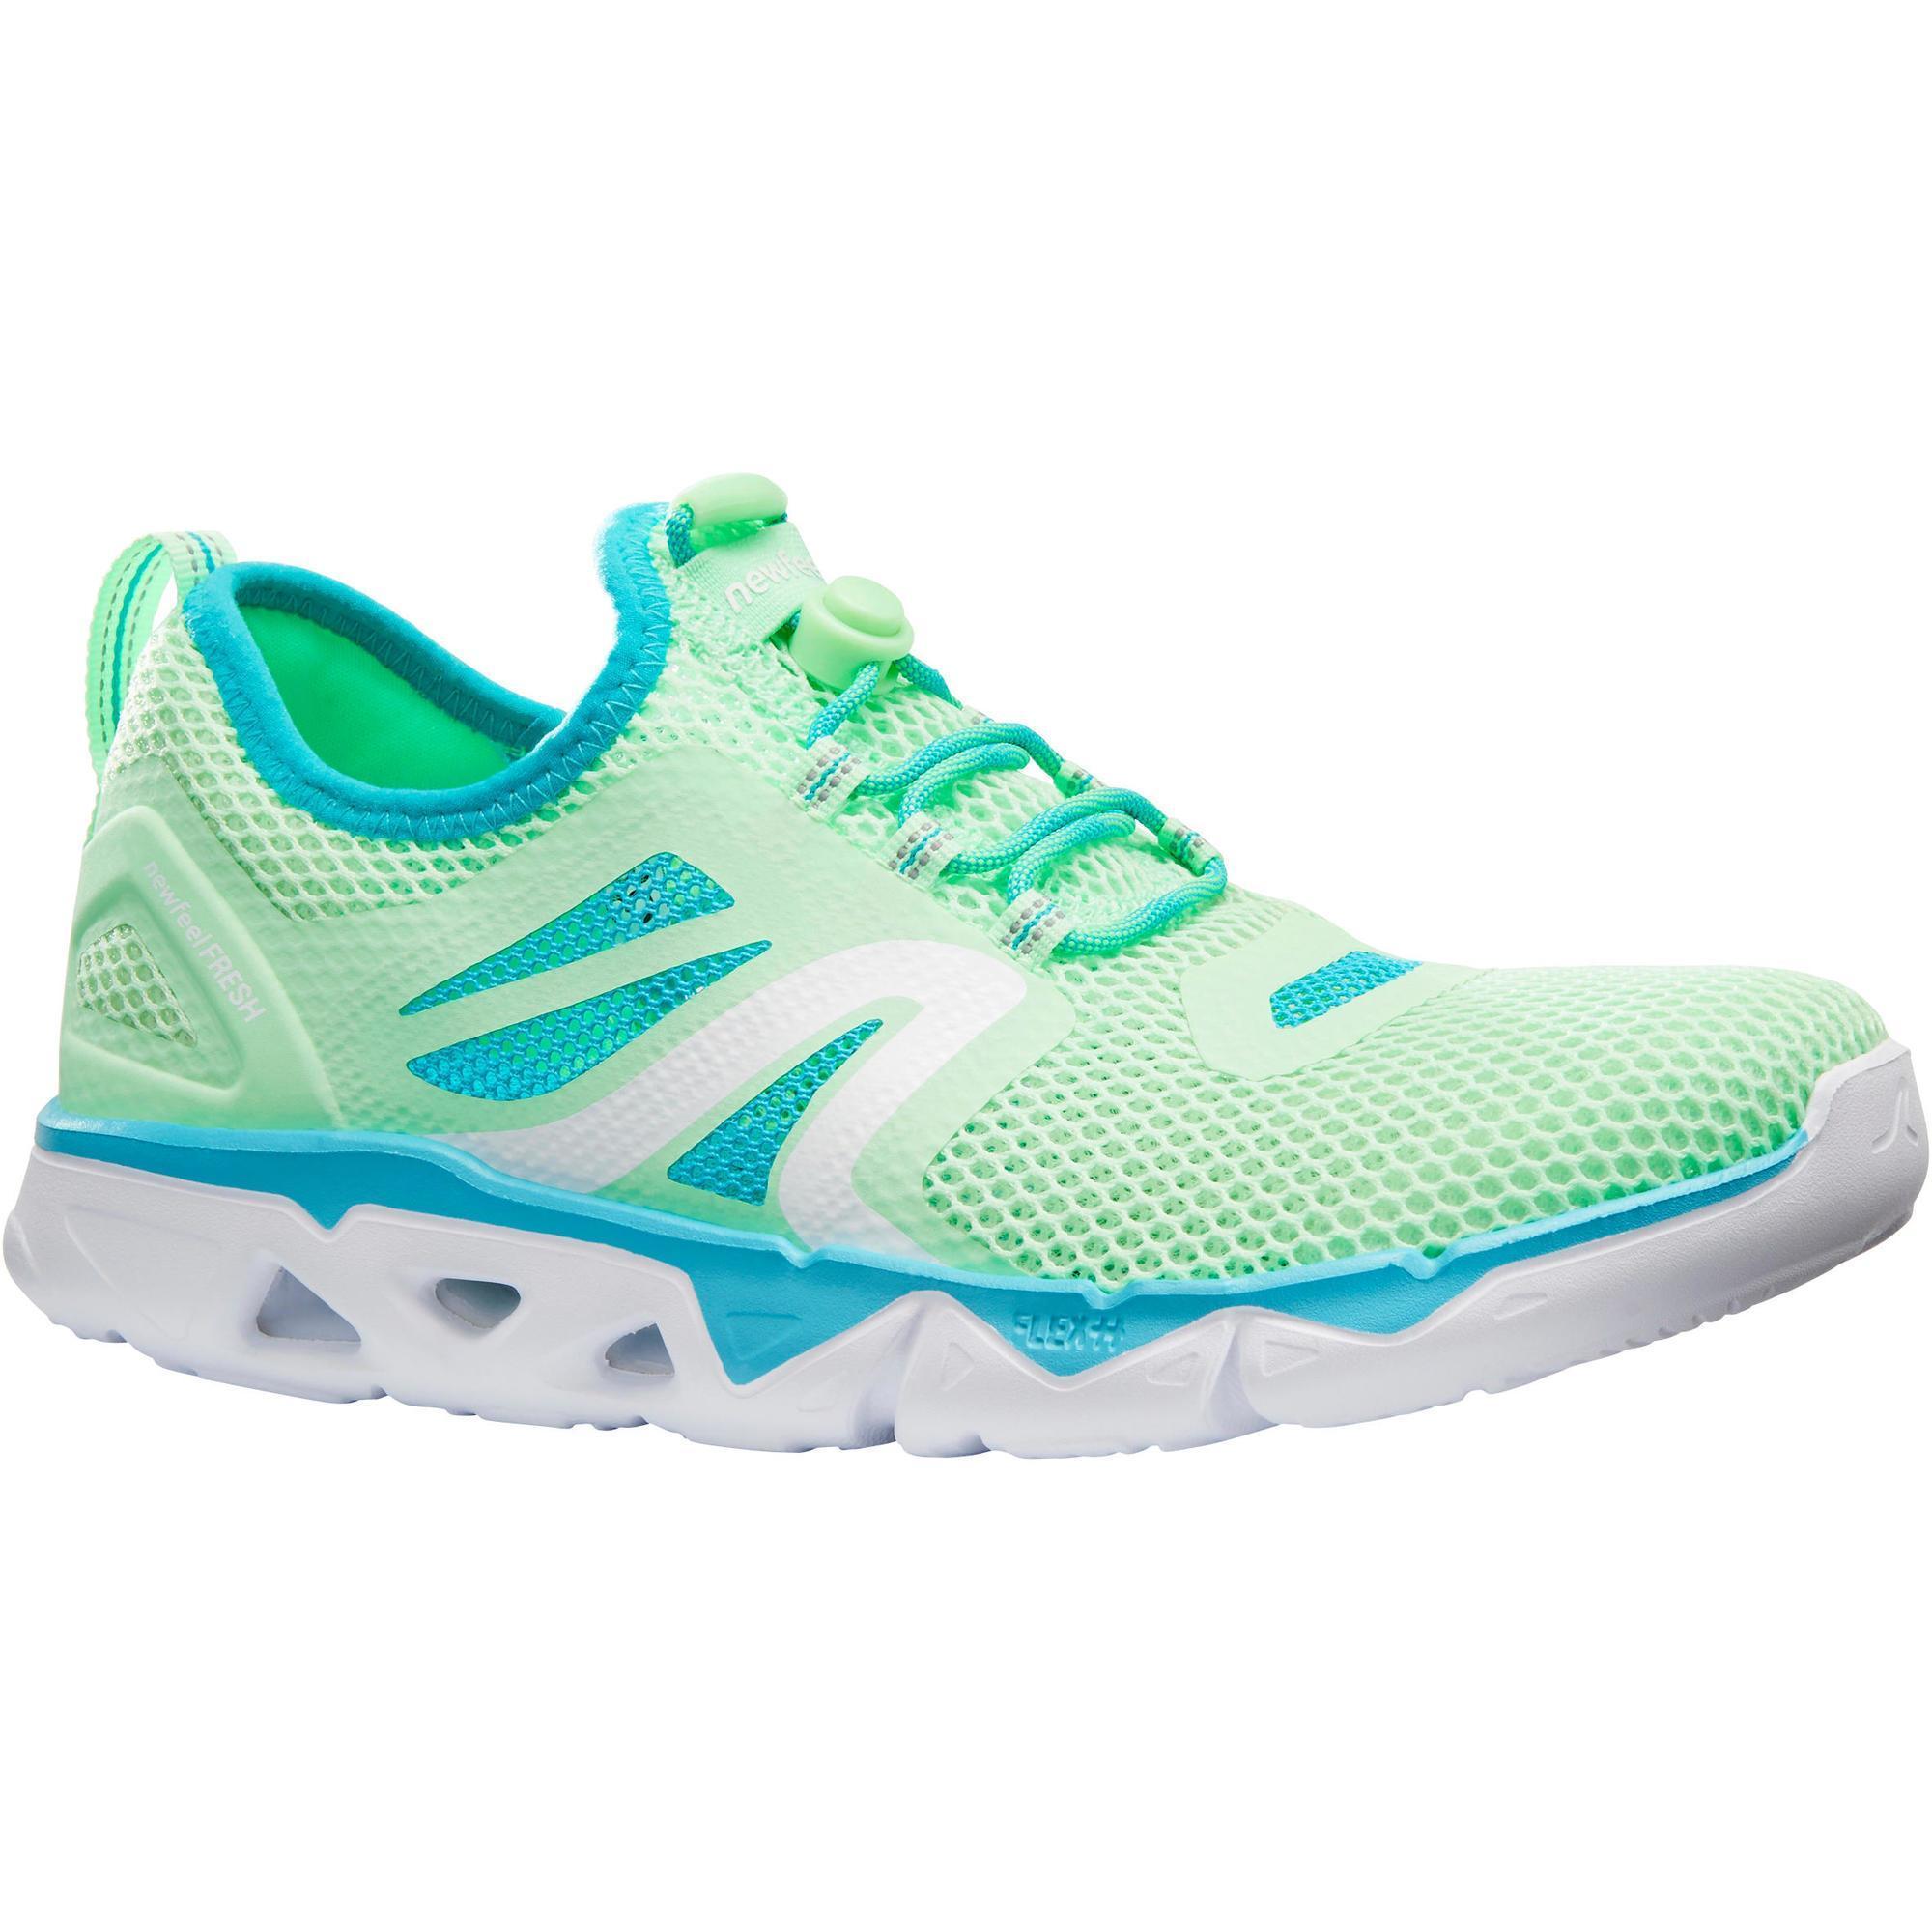 Walkingschuhe PW 500 Fresh Damen grün | Schuhe > Sportschuhe > Walkingschuhe | Newfeel